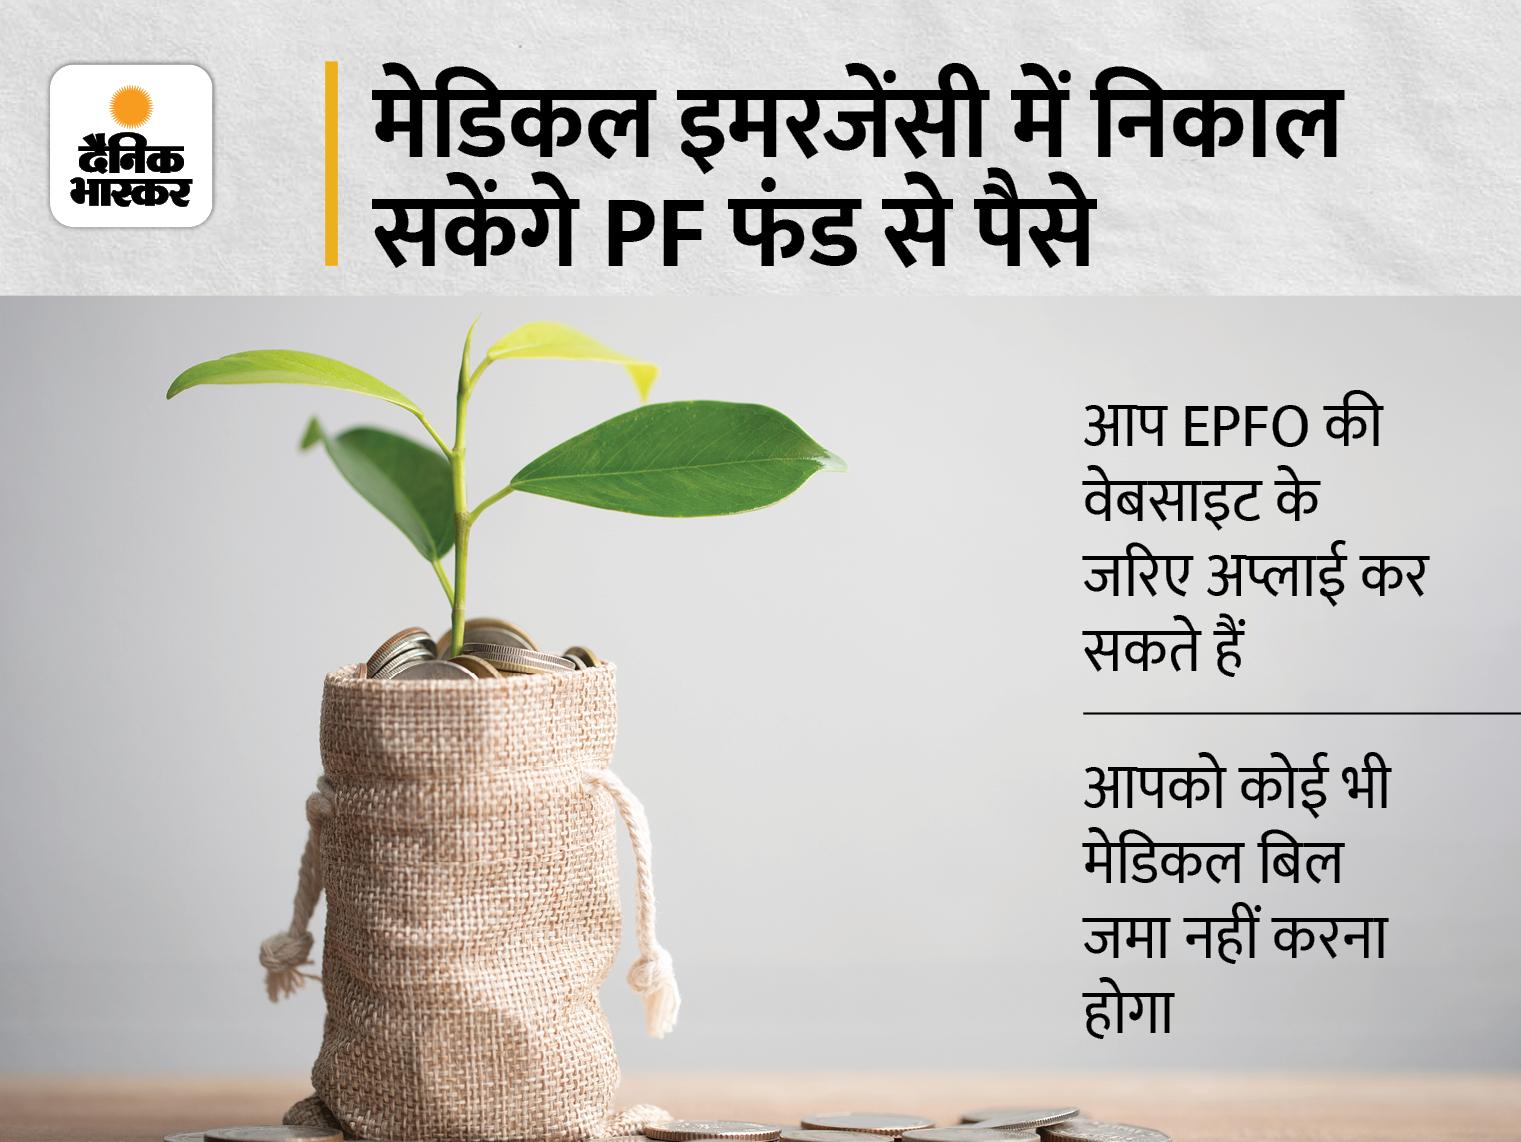 इलाज के लिए पैसों की जरूरत पड़ने पर PF से निकाल सकते हैं 1 लाख तक का फंड, 1 घंटे में अकाउंट में आ जाएगा पैसा बिजनेस,Business - Dainik Bhaskar